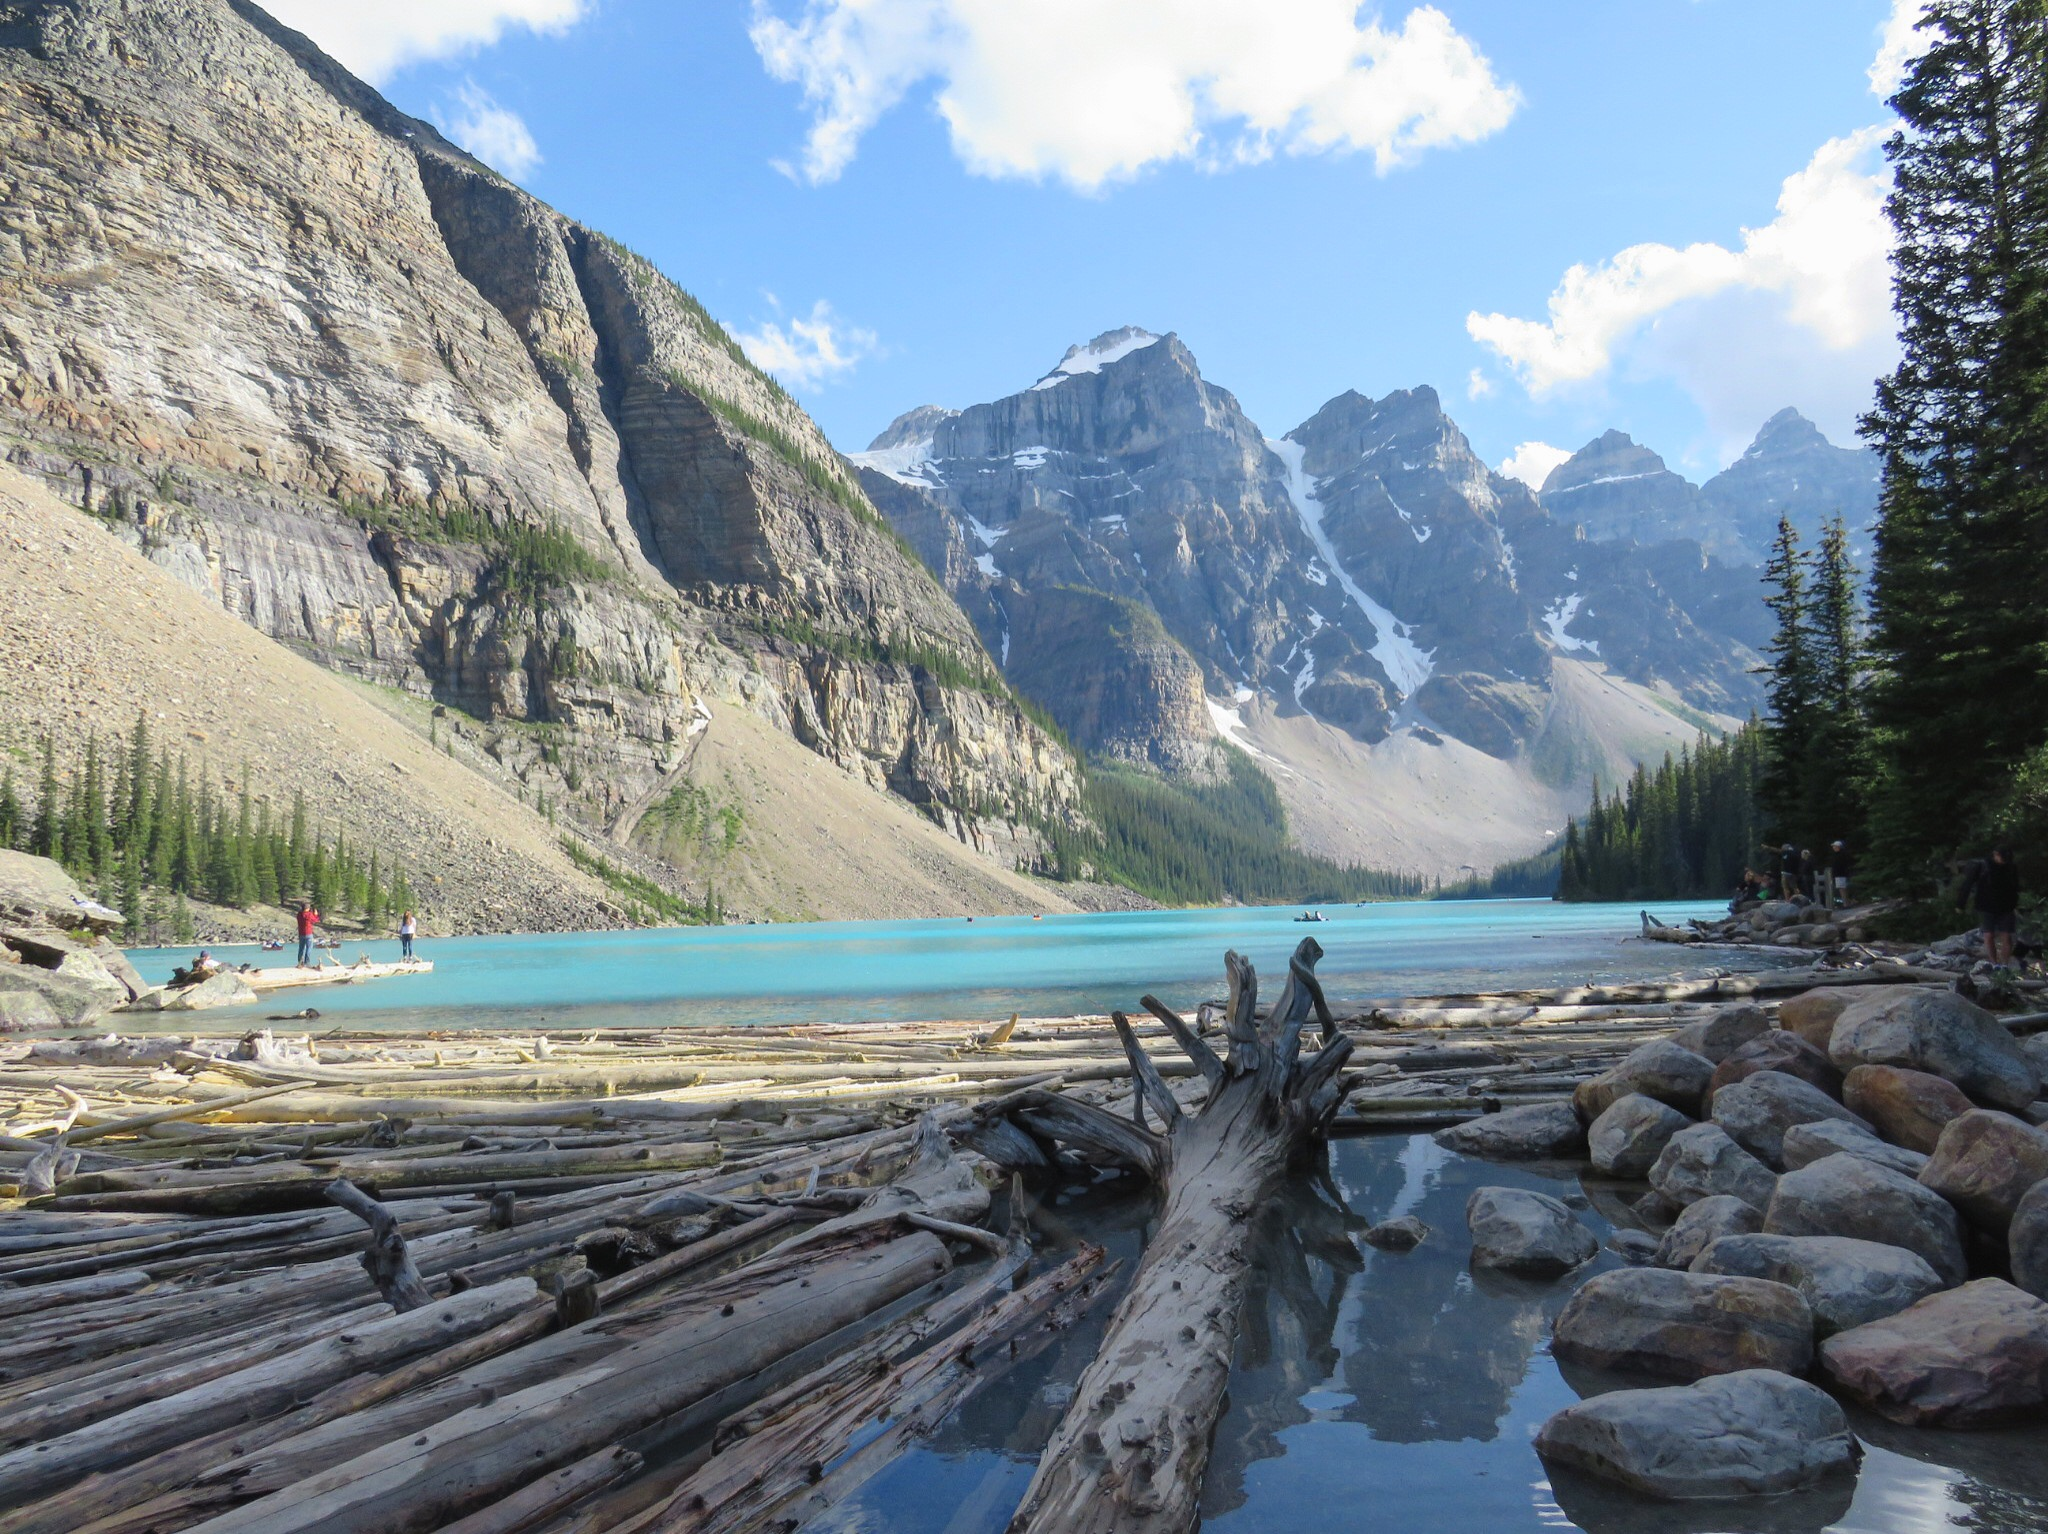 Het blauwe Morraine meer in de Canadese Rockies.